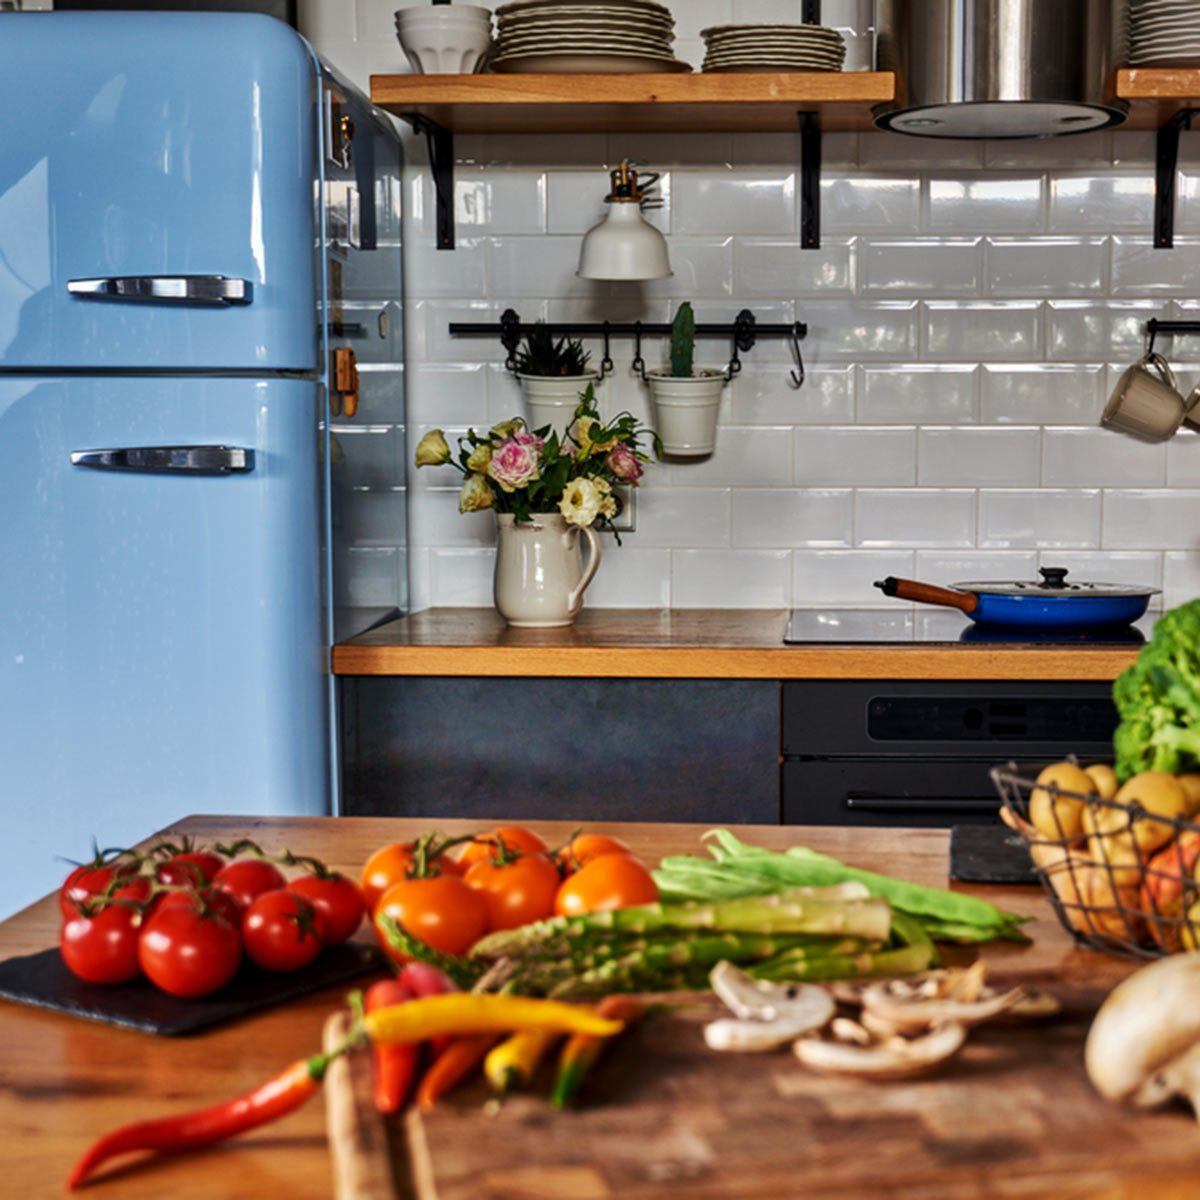 Kitchen Paint Schemes: Colorful Appliances